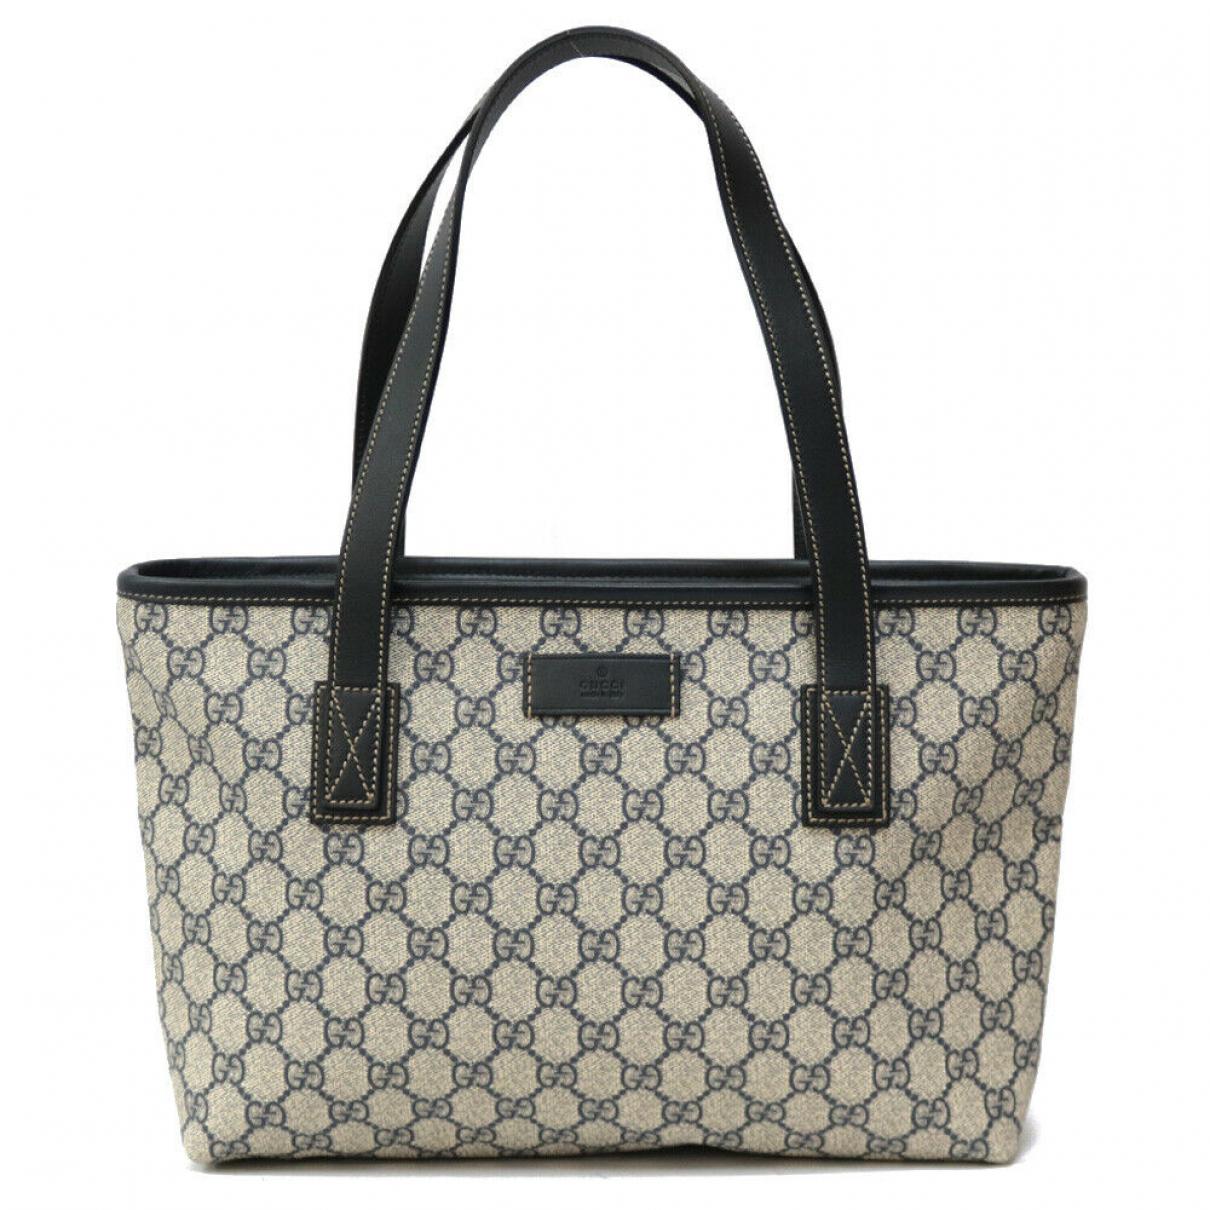 Gucci N Leather handbag for Women N